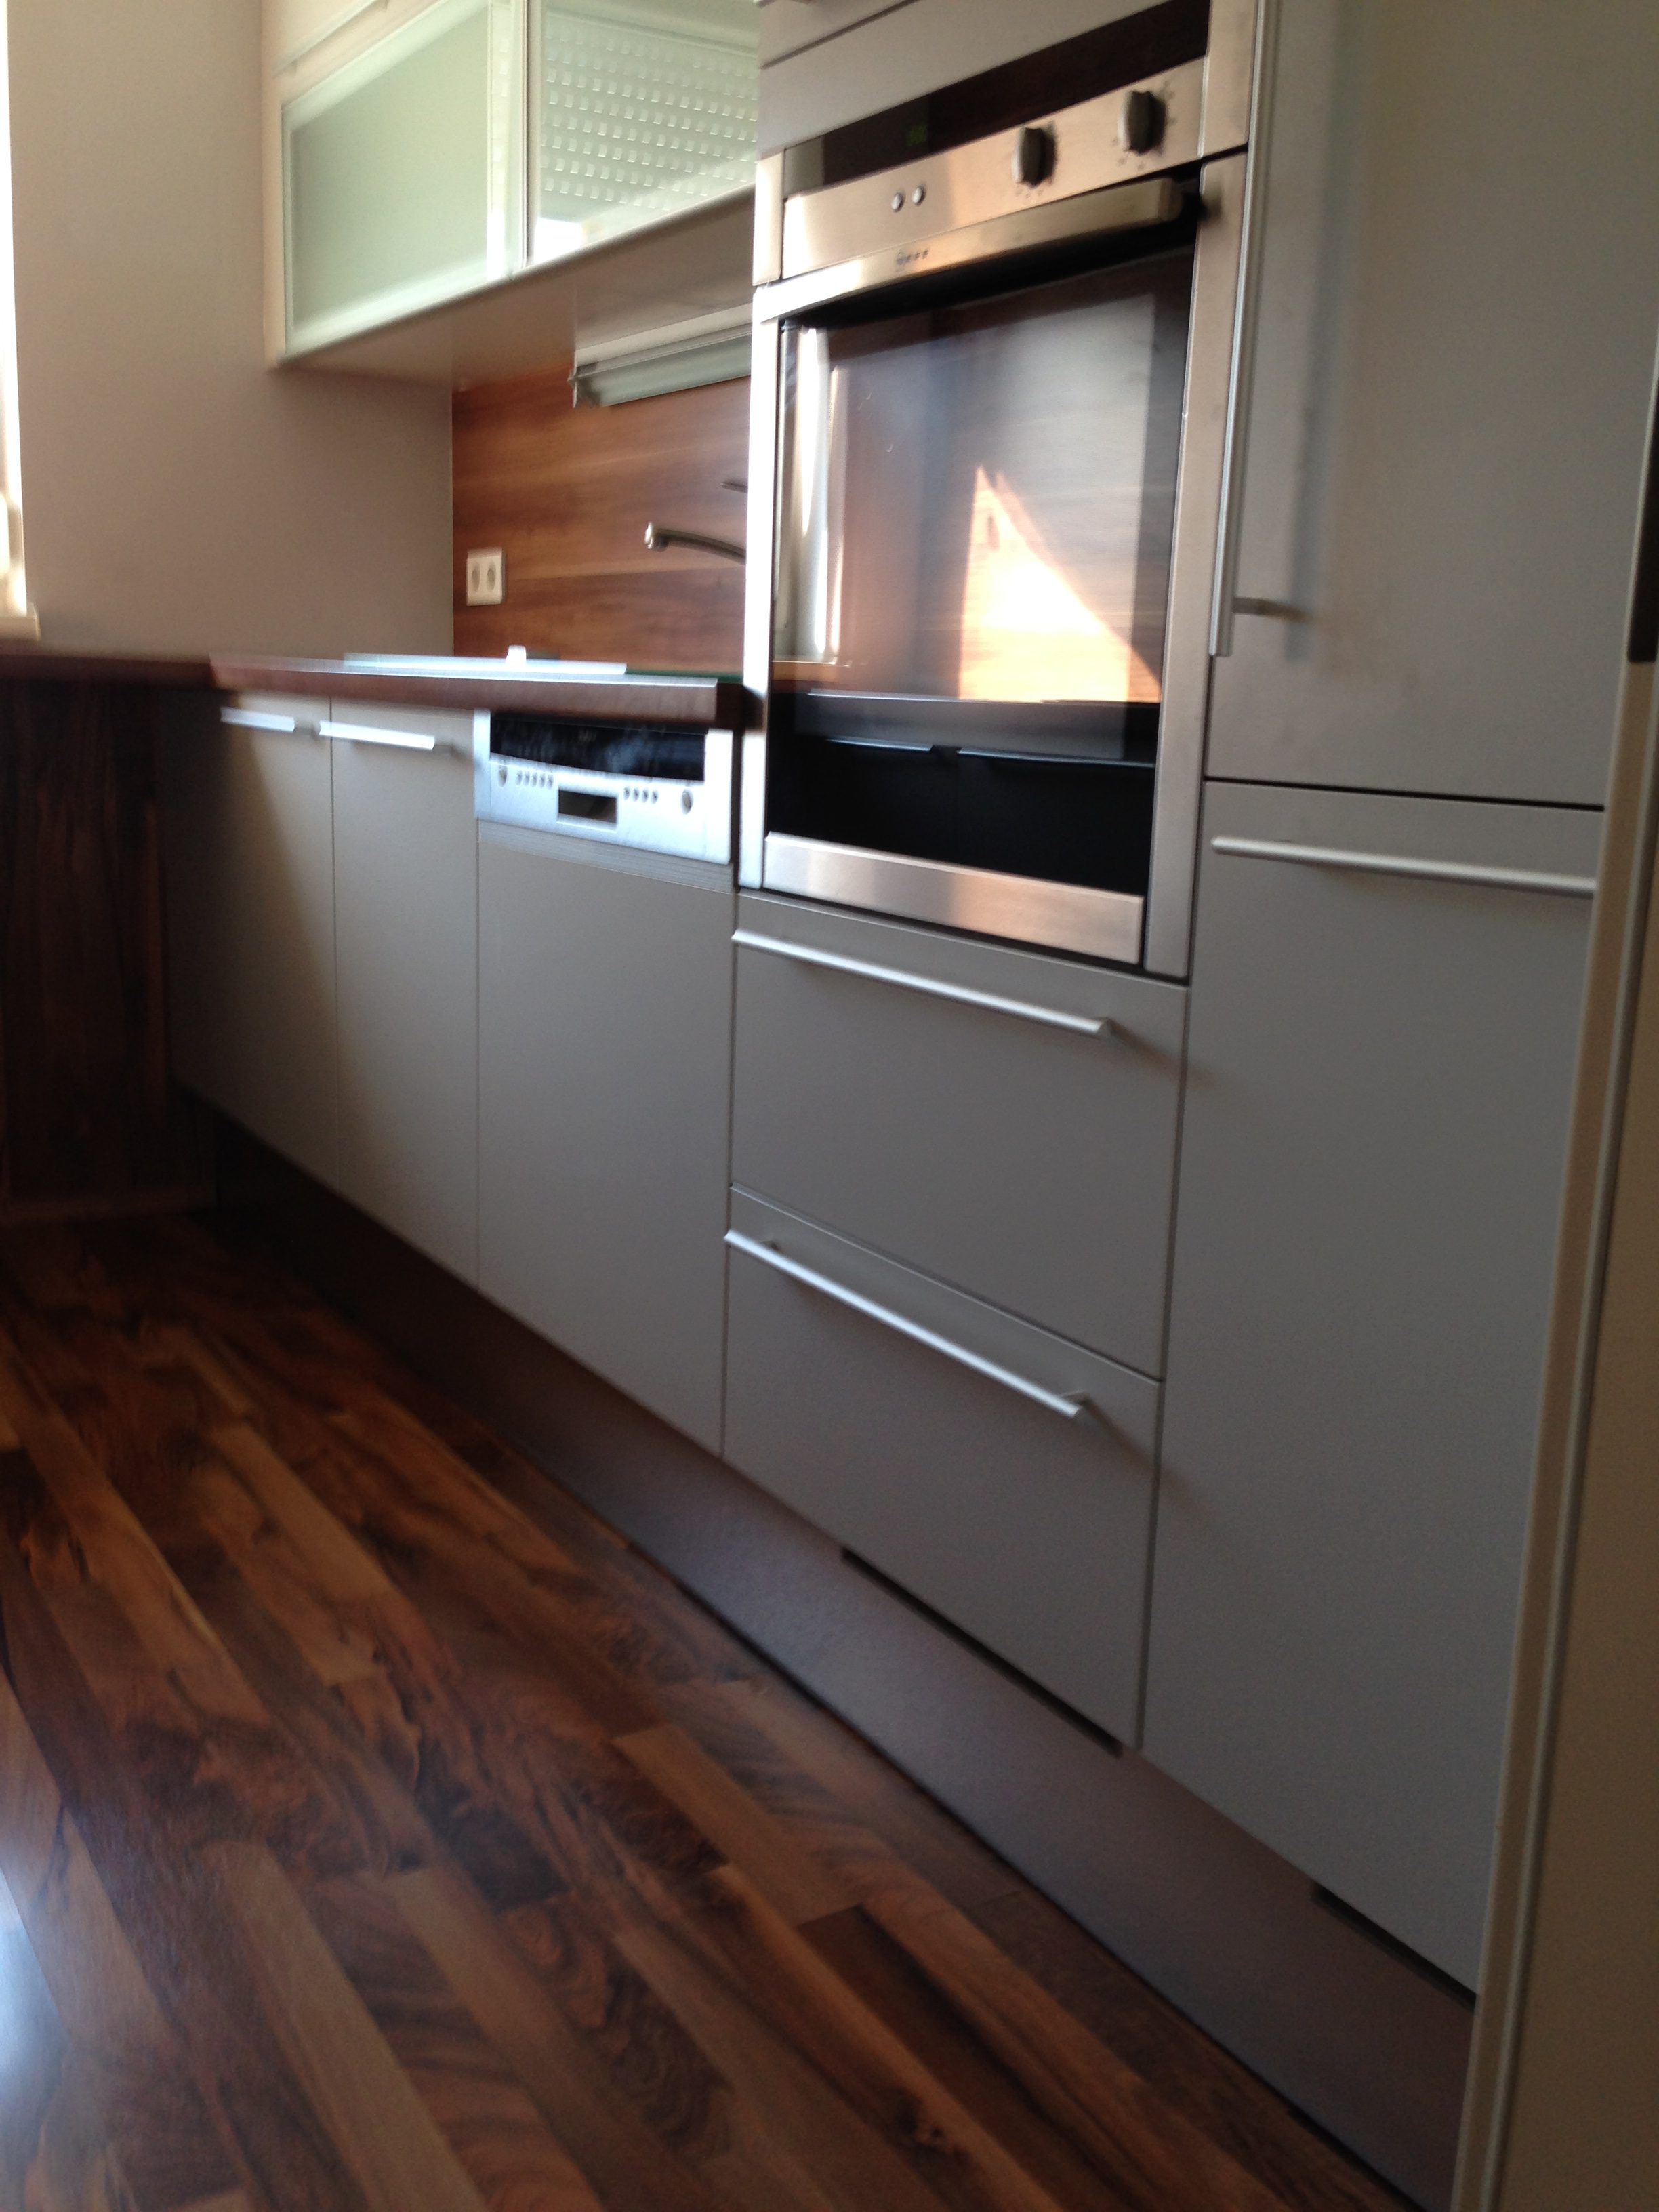 hellgraue Küchenfronten, glatte Oberfläche, Boden und Nischenrückwand in dunkler Nuss